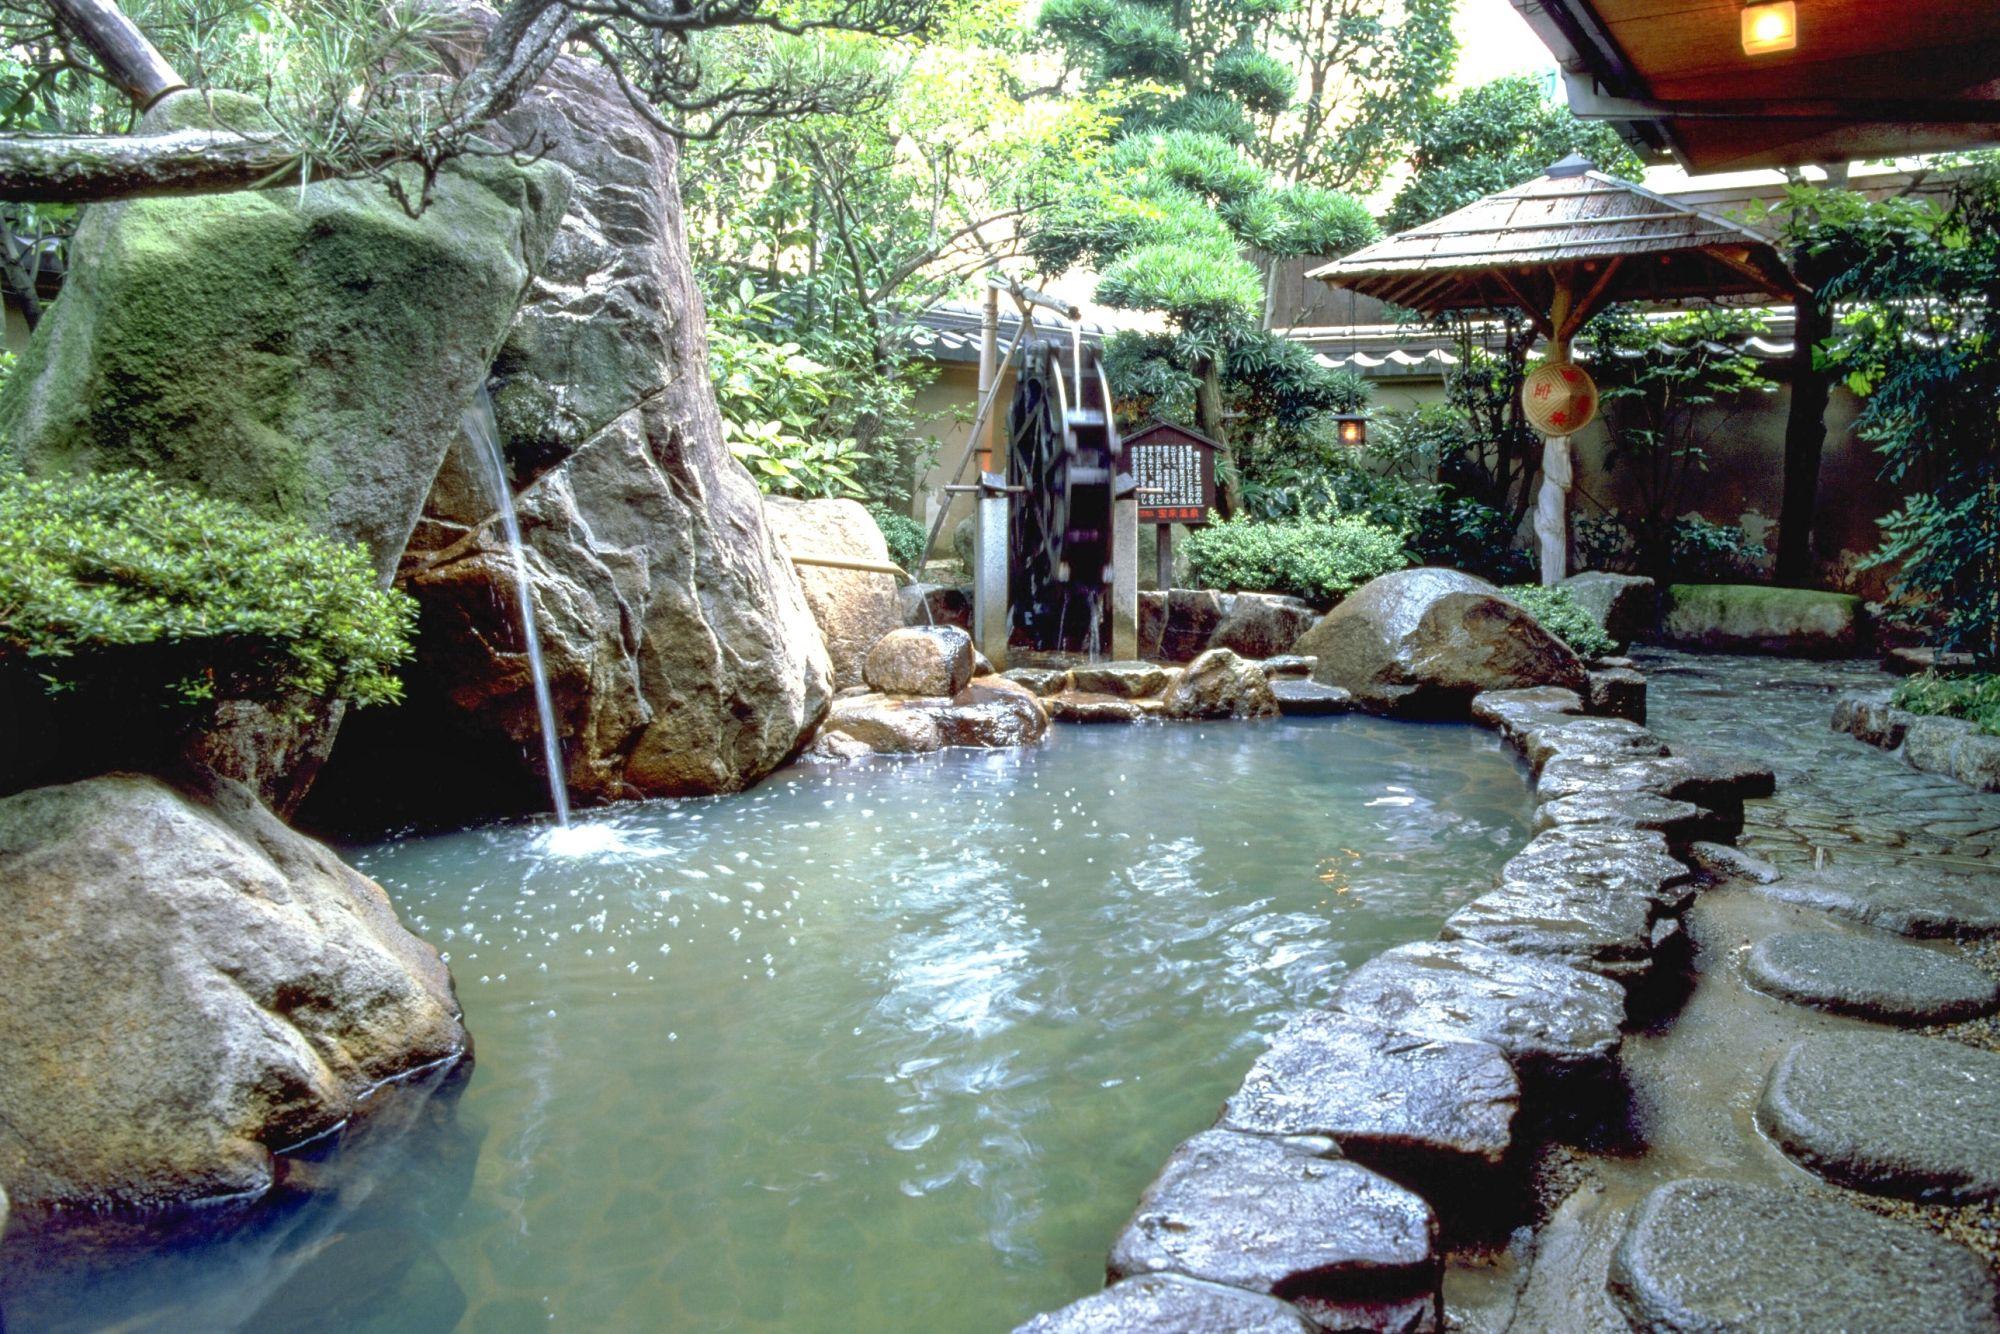 Địa điểm du lcihj và trải nghiệm suối nước nóng cực hot hn